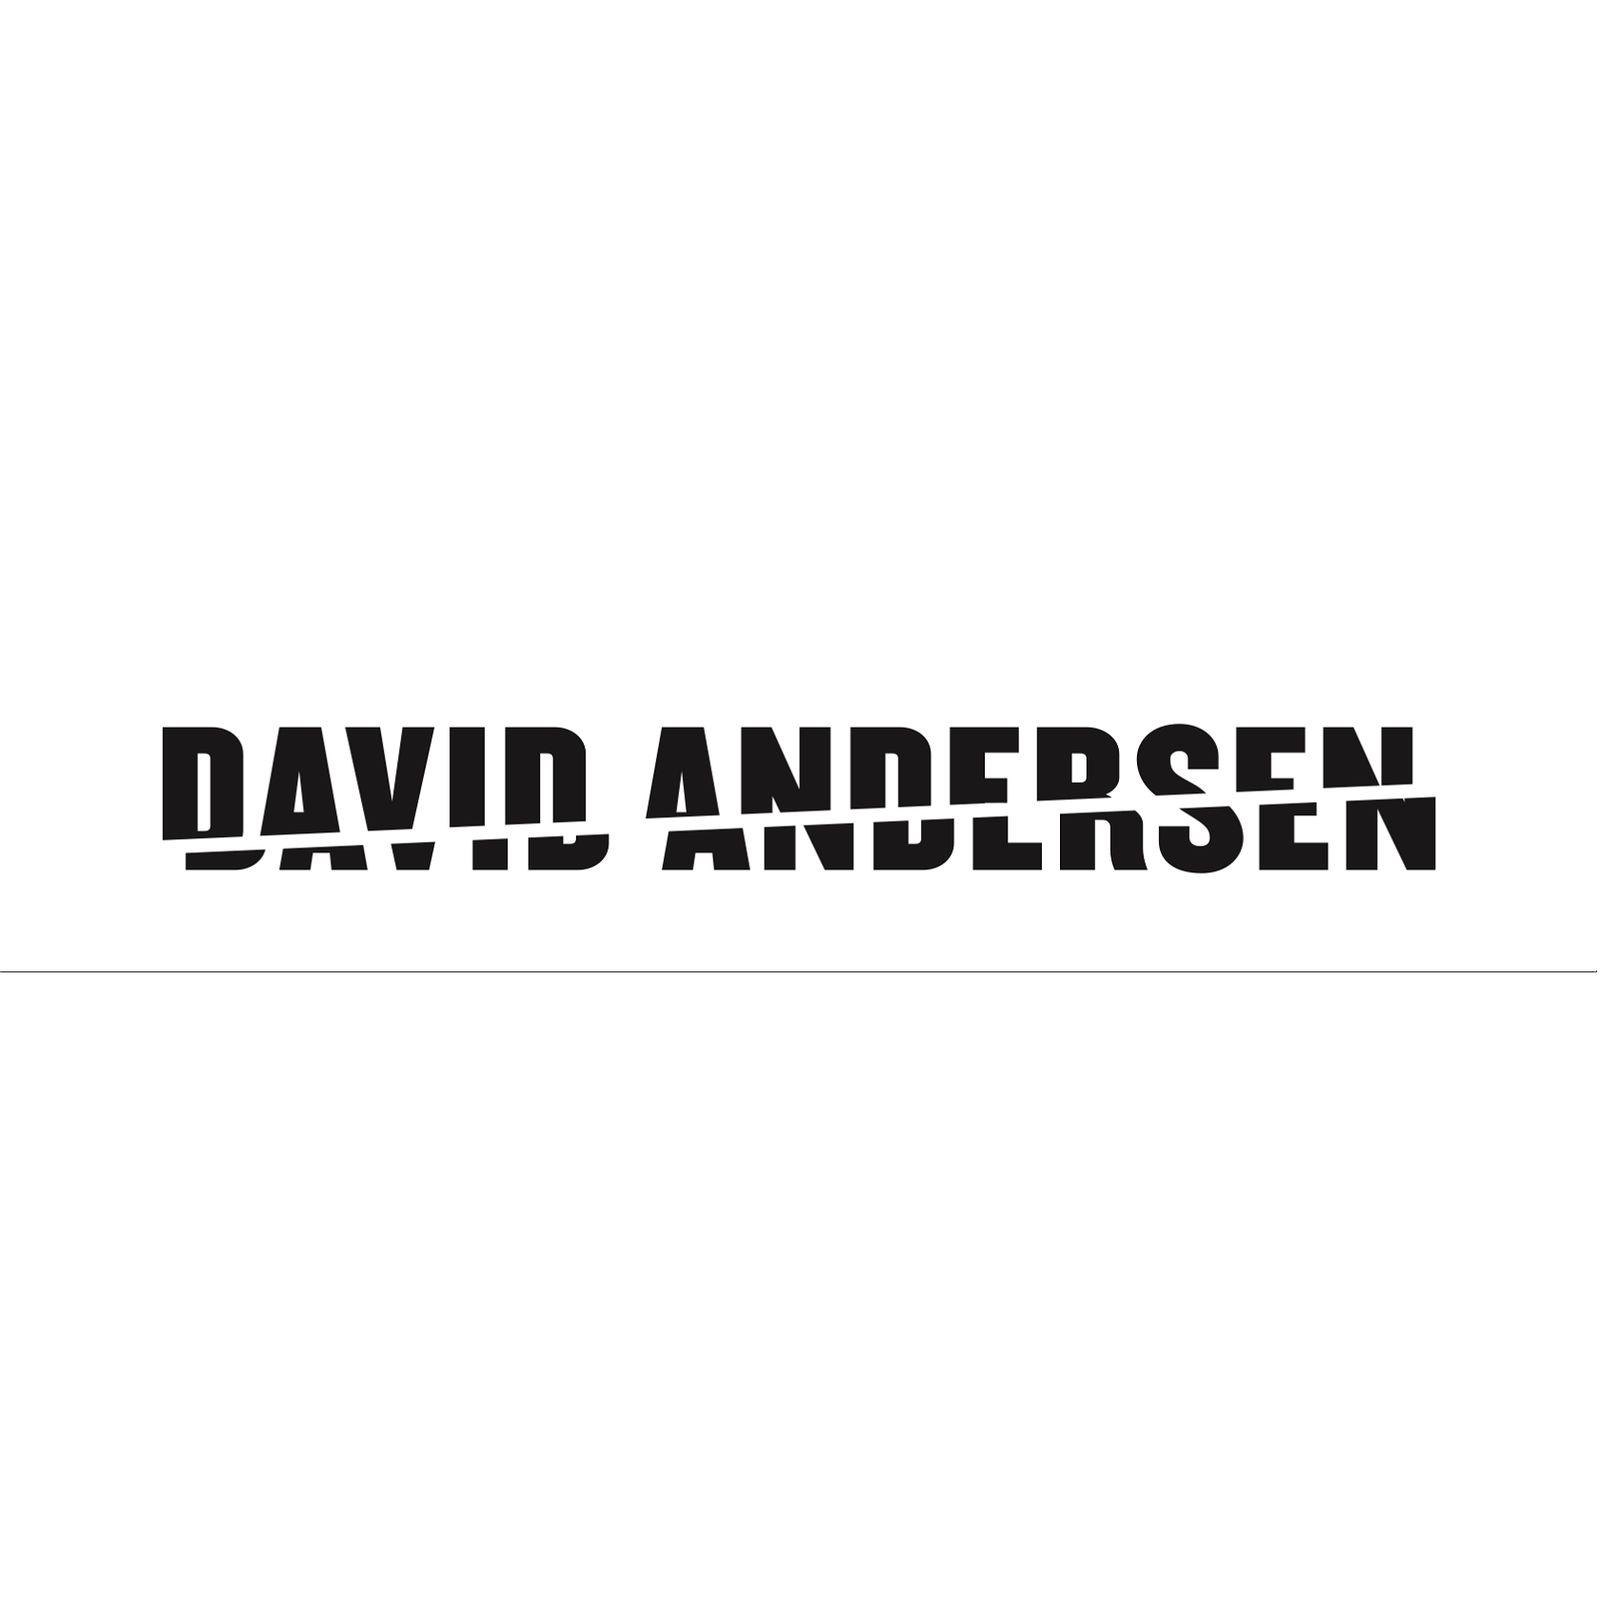 DAVID ANDERSEN (Bild 1)